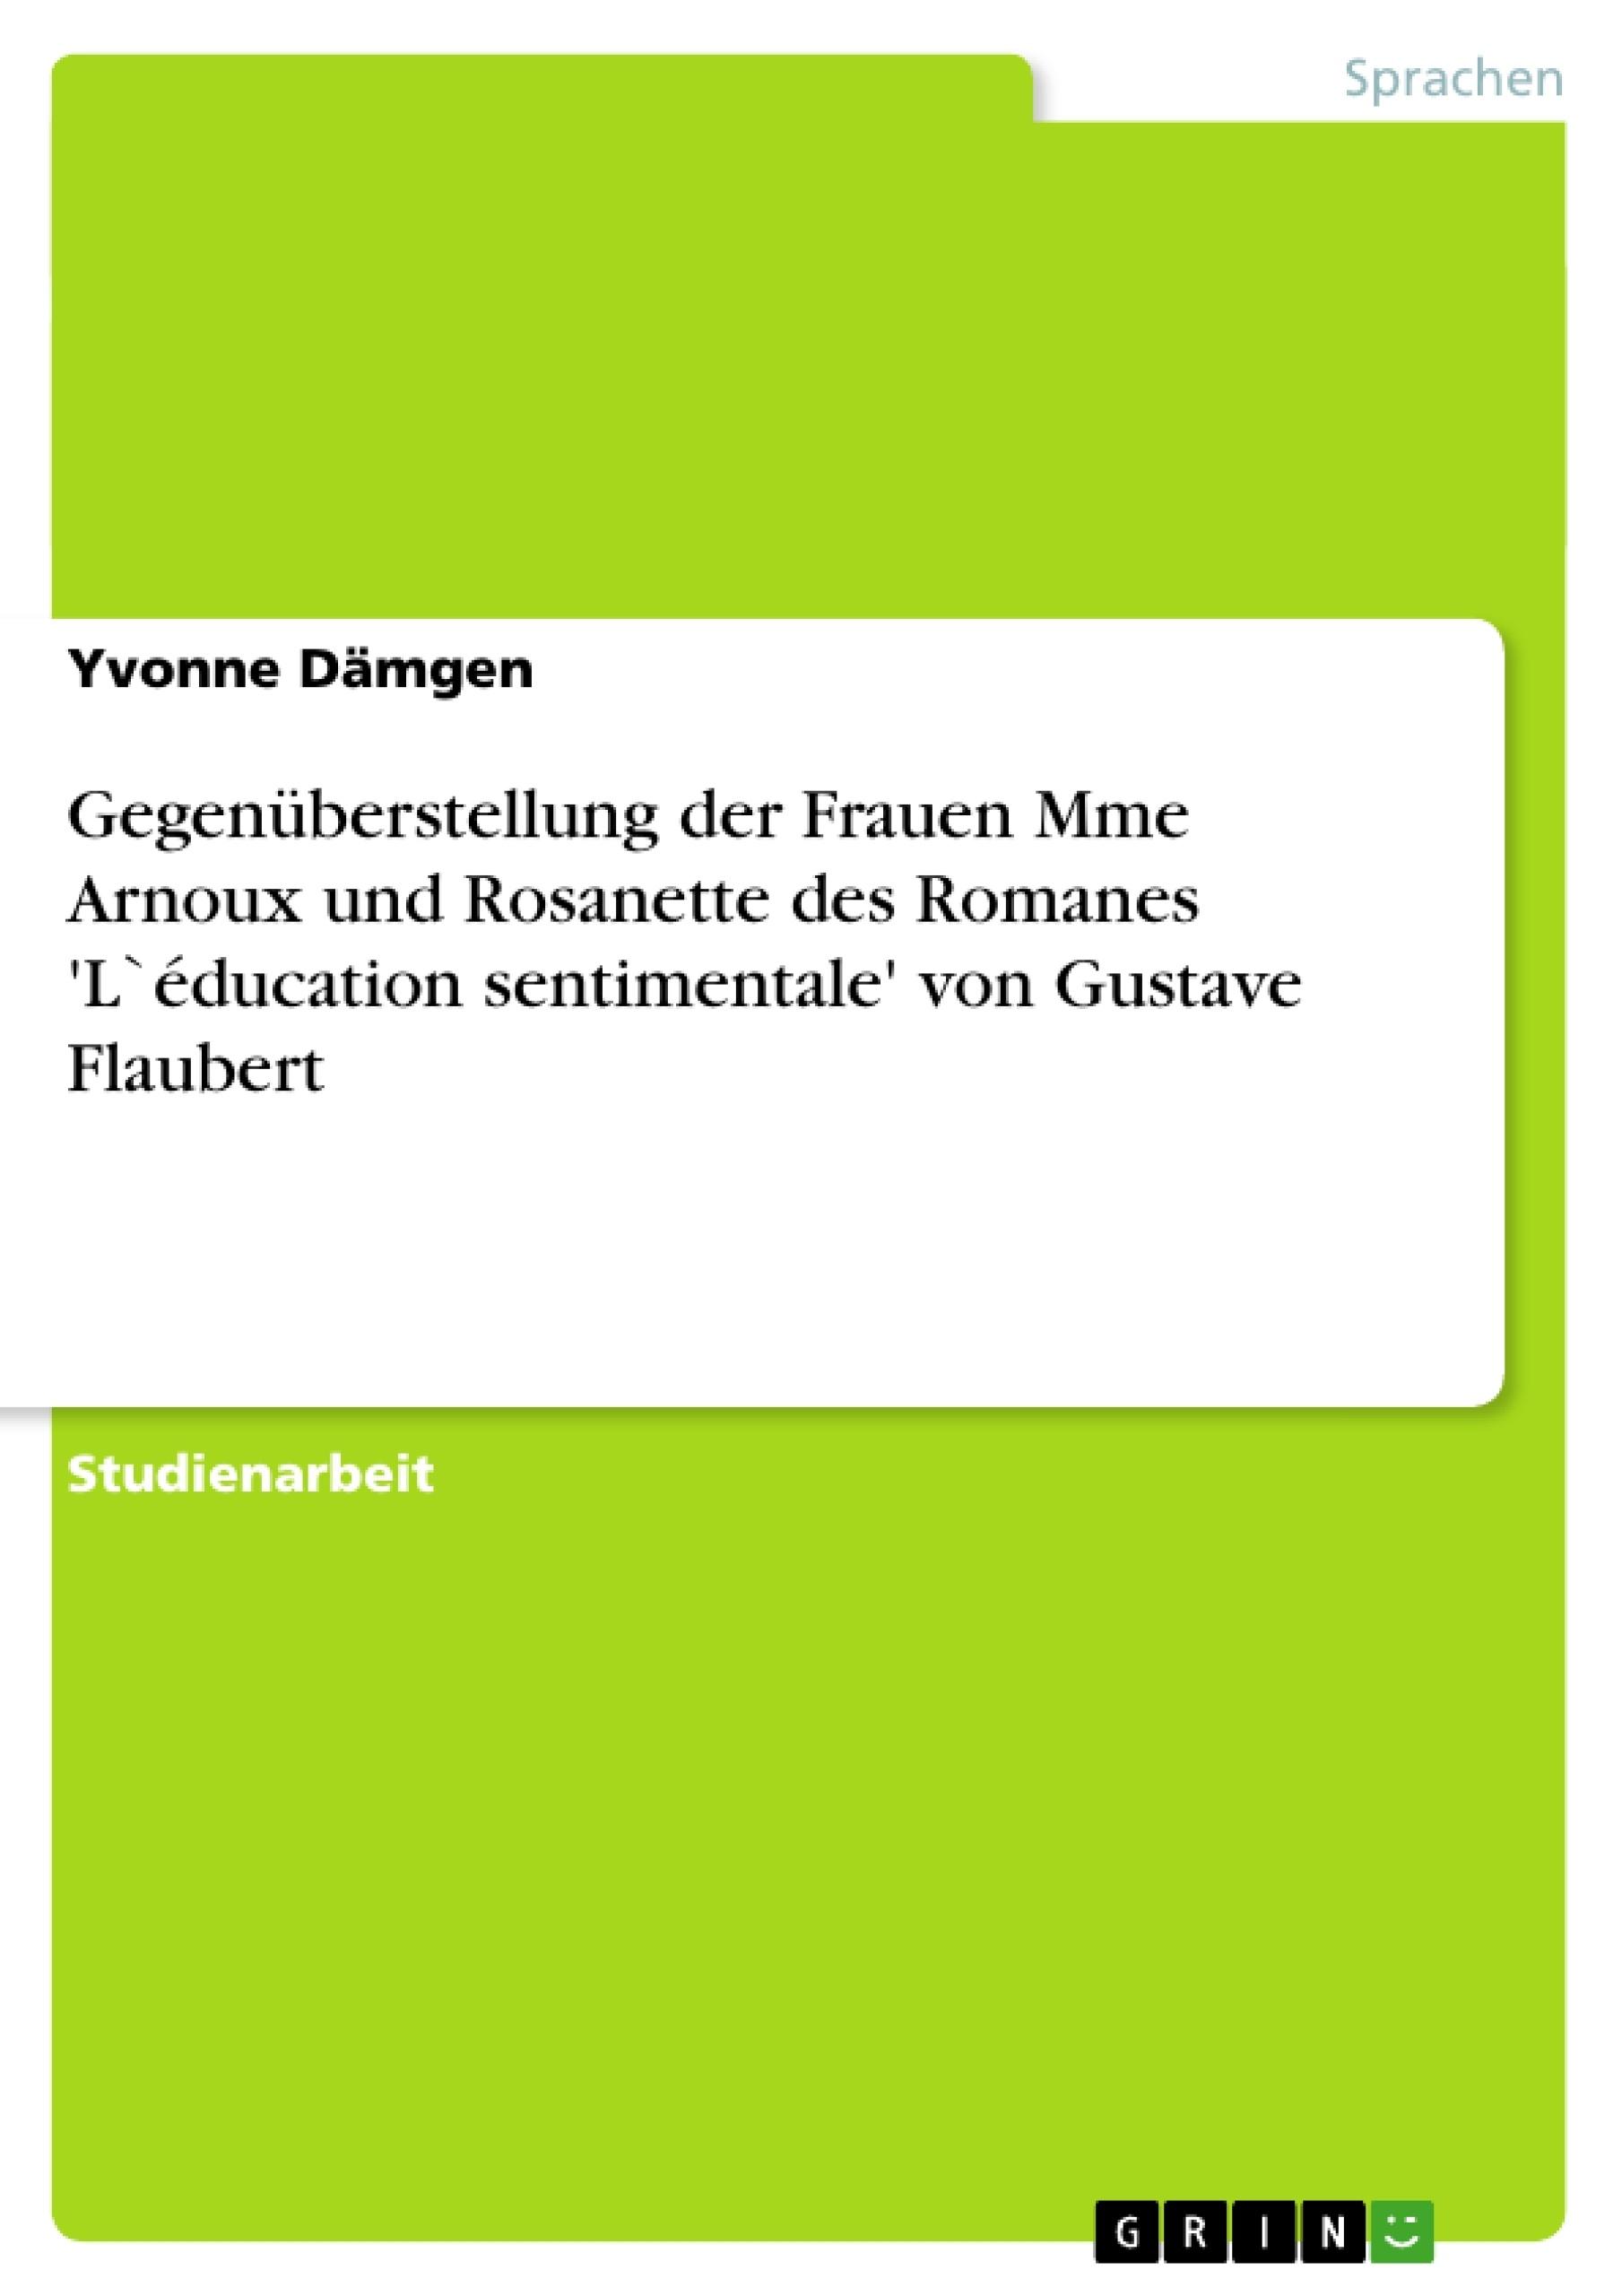 Titel: Gegenüberstellung der Frauen Mme Arnoux  und Rosanette des Romanes 'L`éducation sentimentale' von Gustave Flaubert